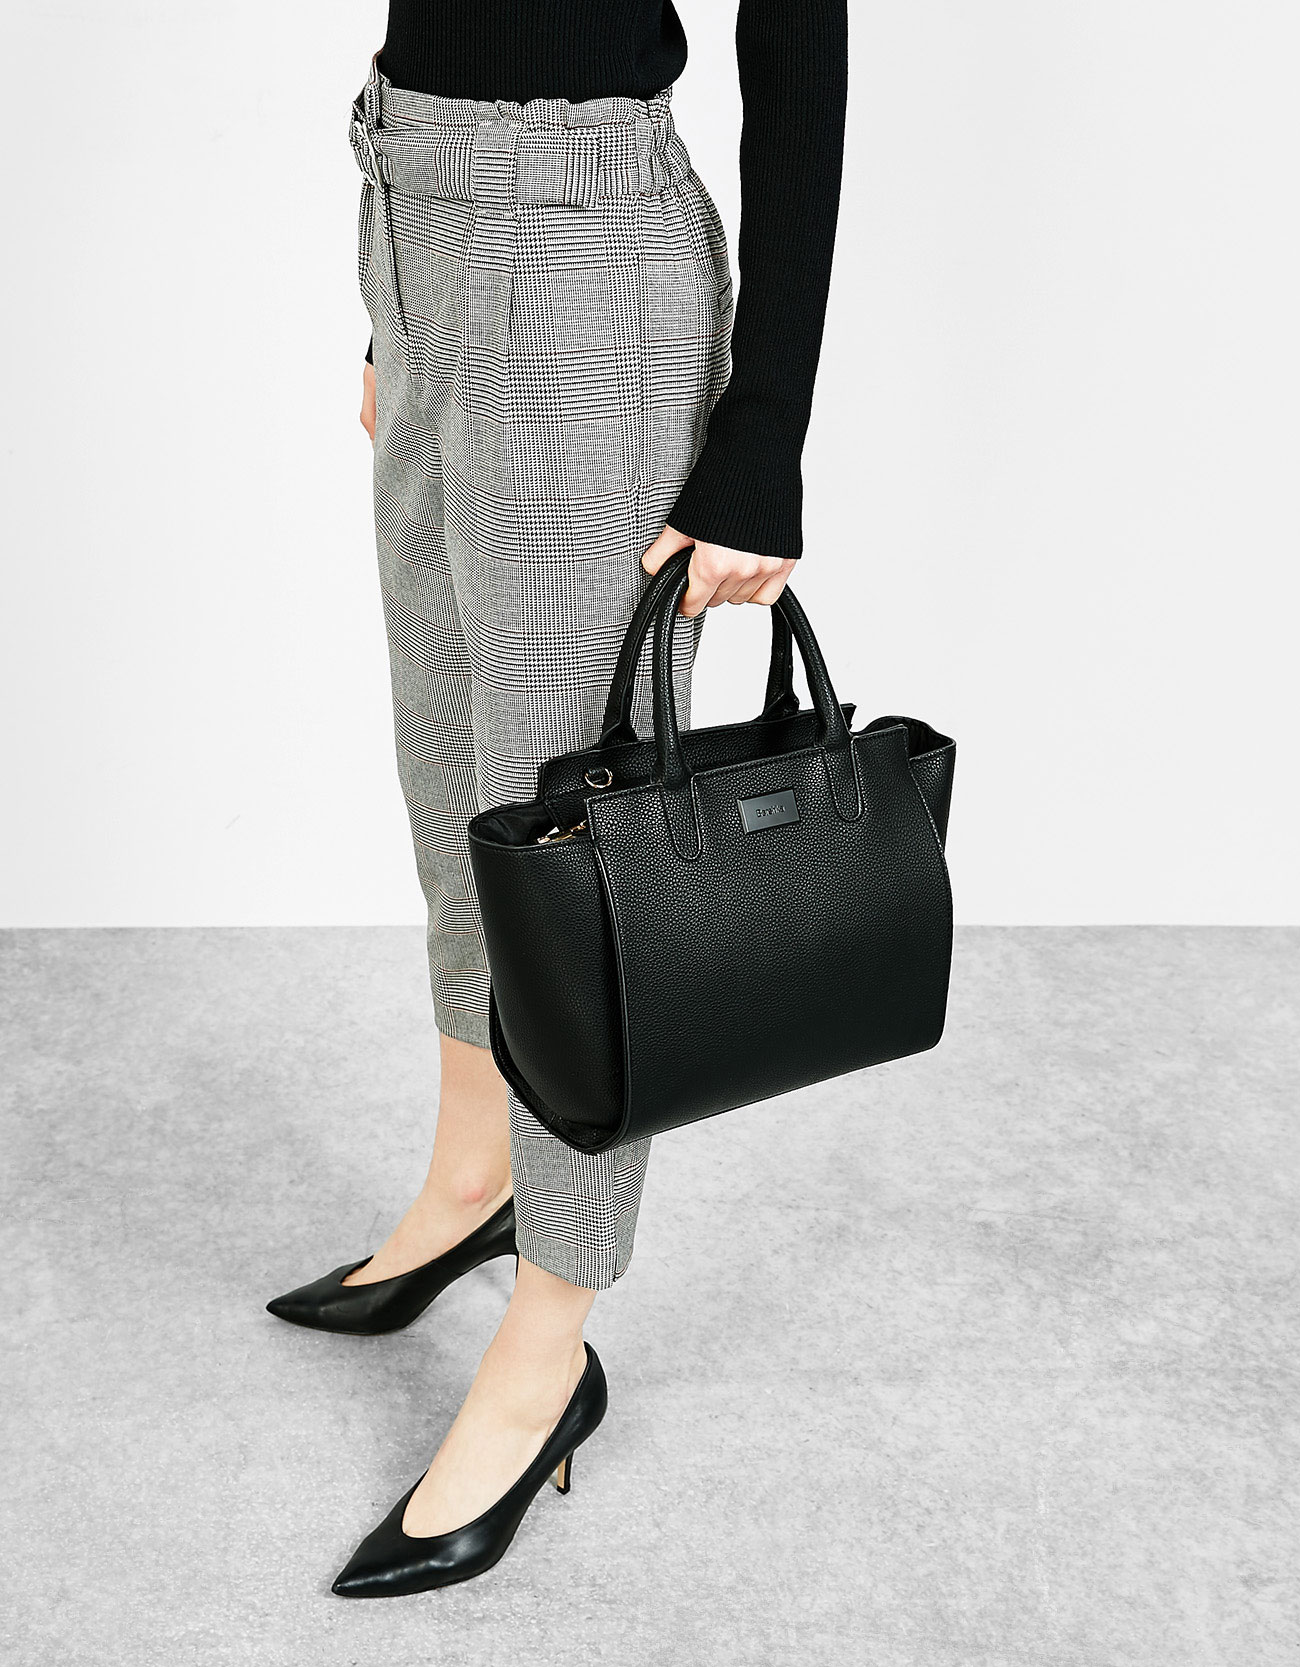 Medium tote bag - Bags - Bershka Macedonia